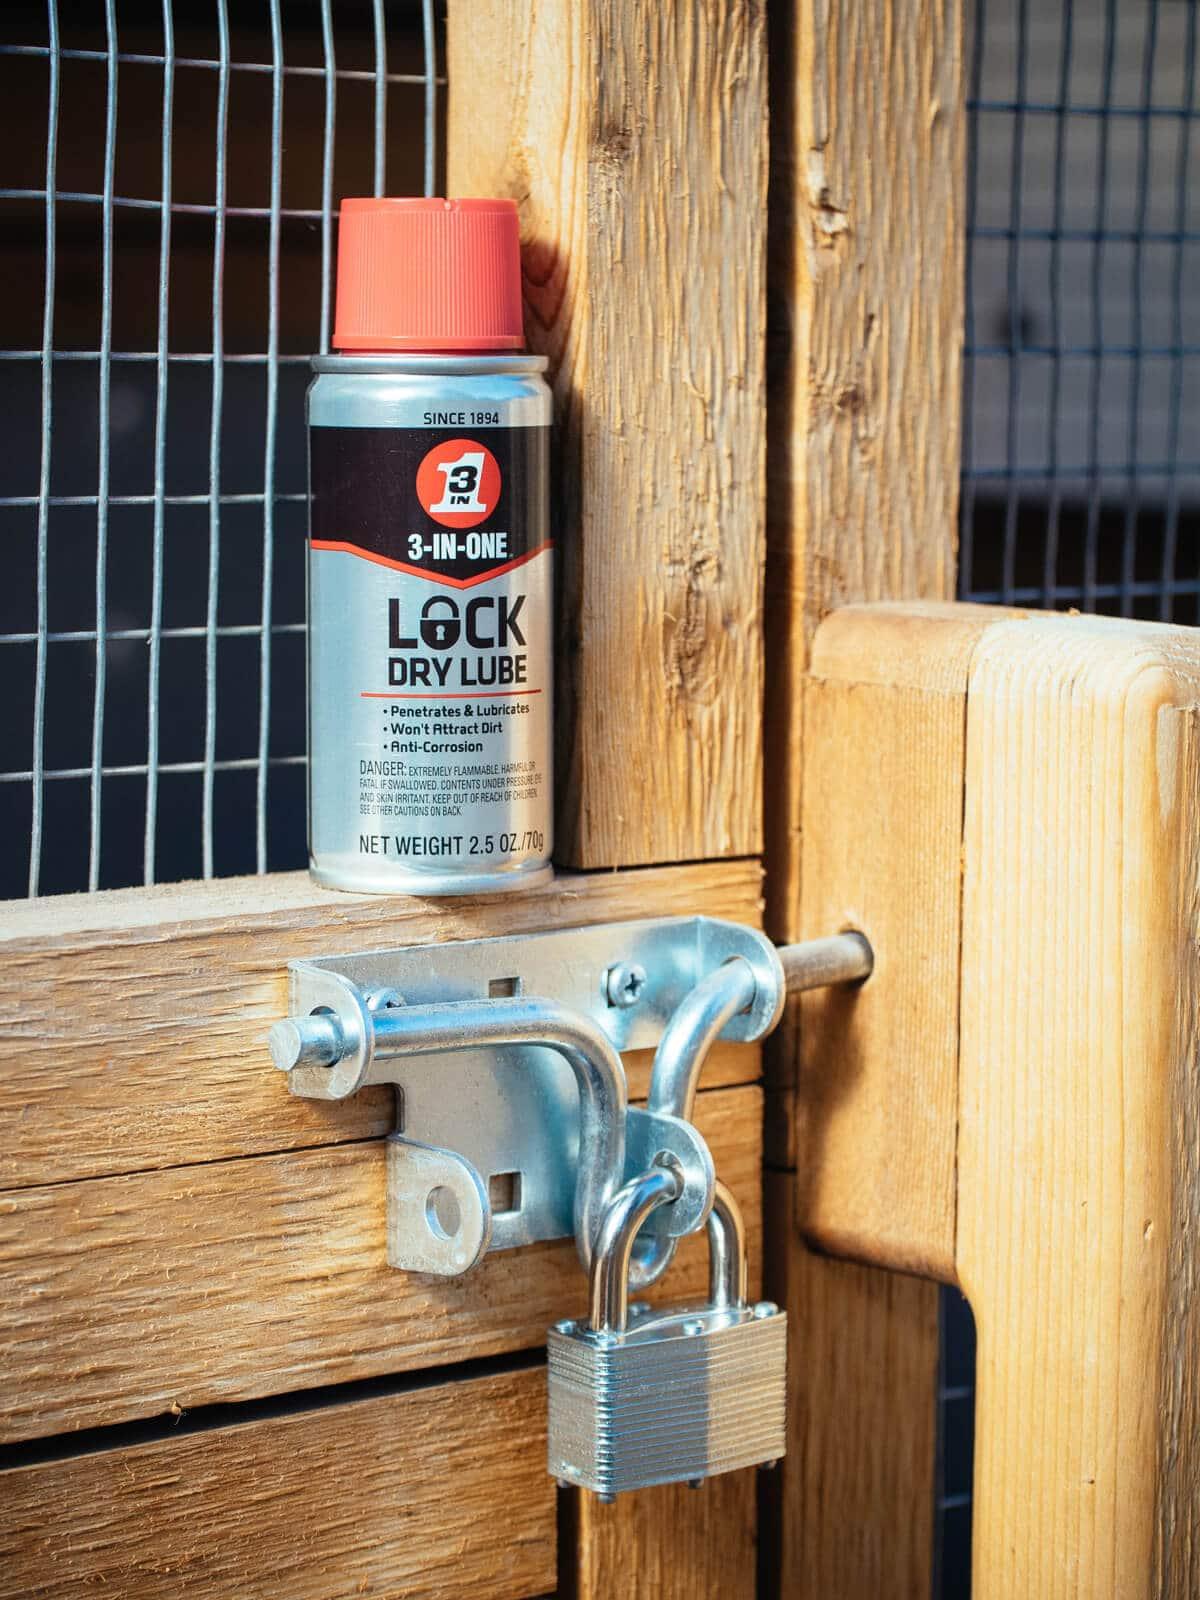 3-IN-ONE Lock Dry Lube helps loosen stuck locks